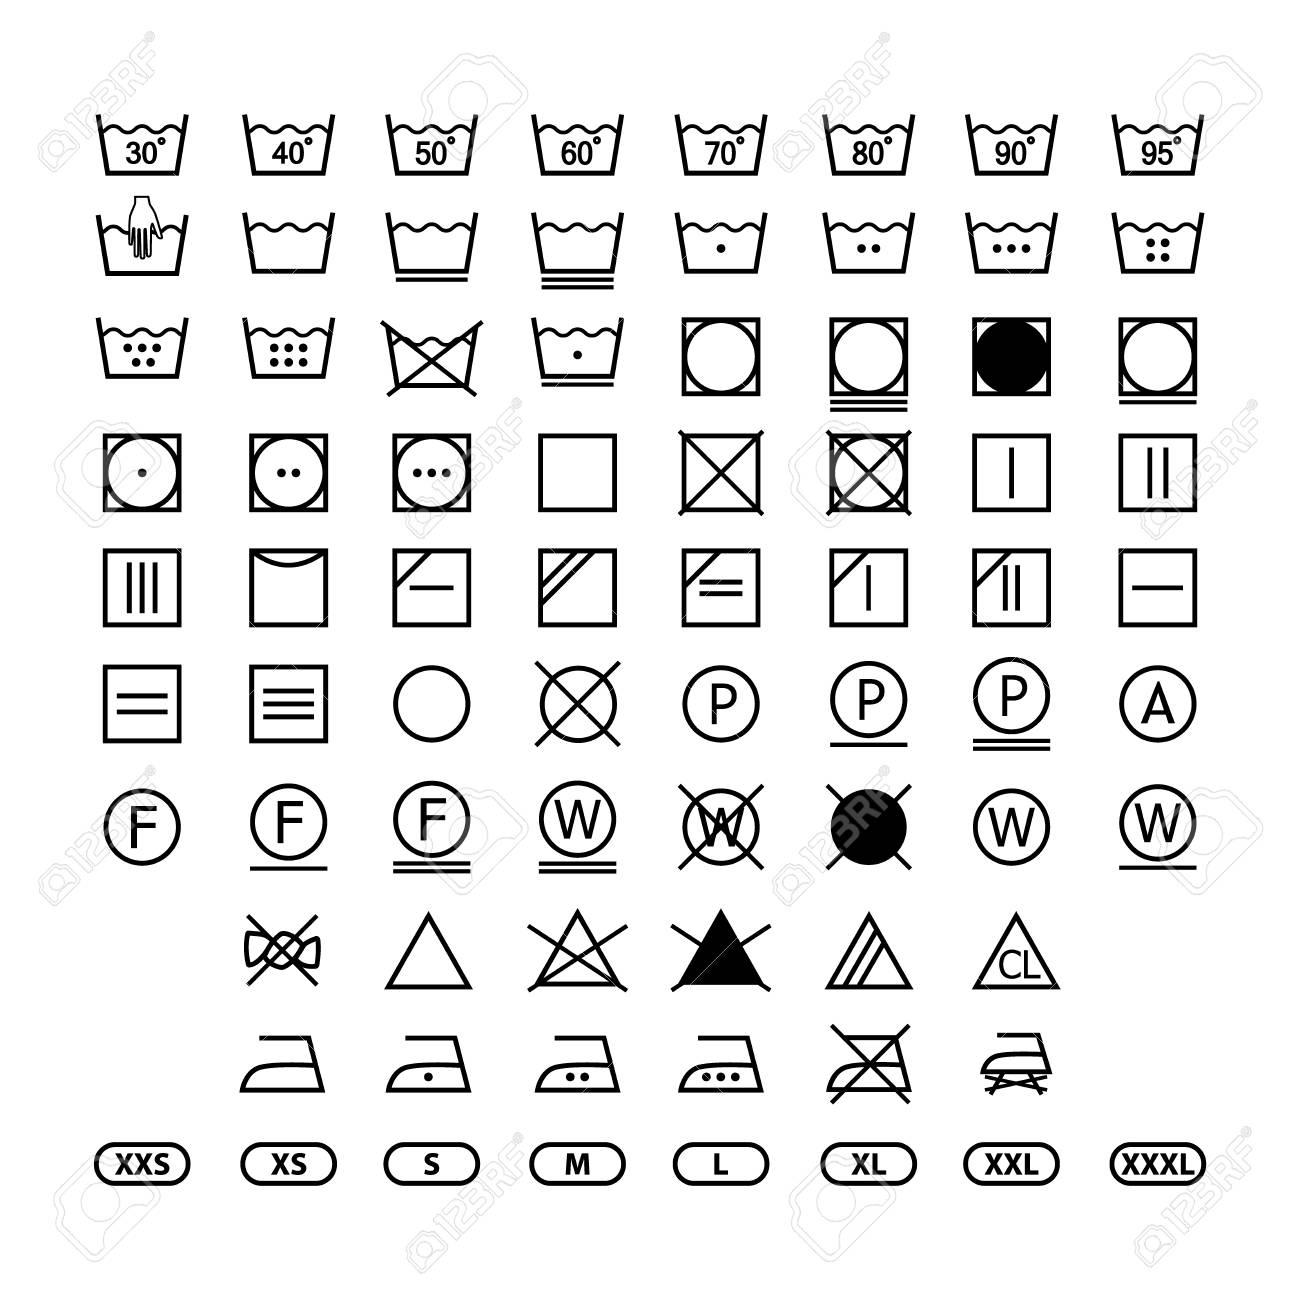 clothing washing label instructions, laundry symbols icon set, washing label icons for clothes - 106383336